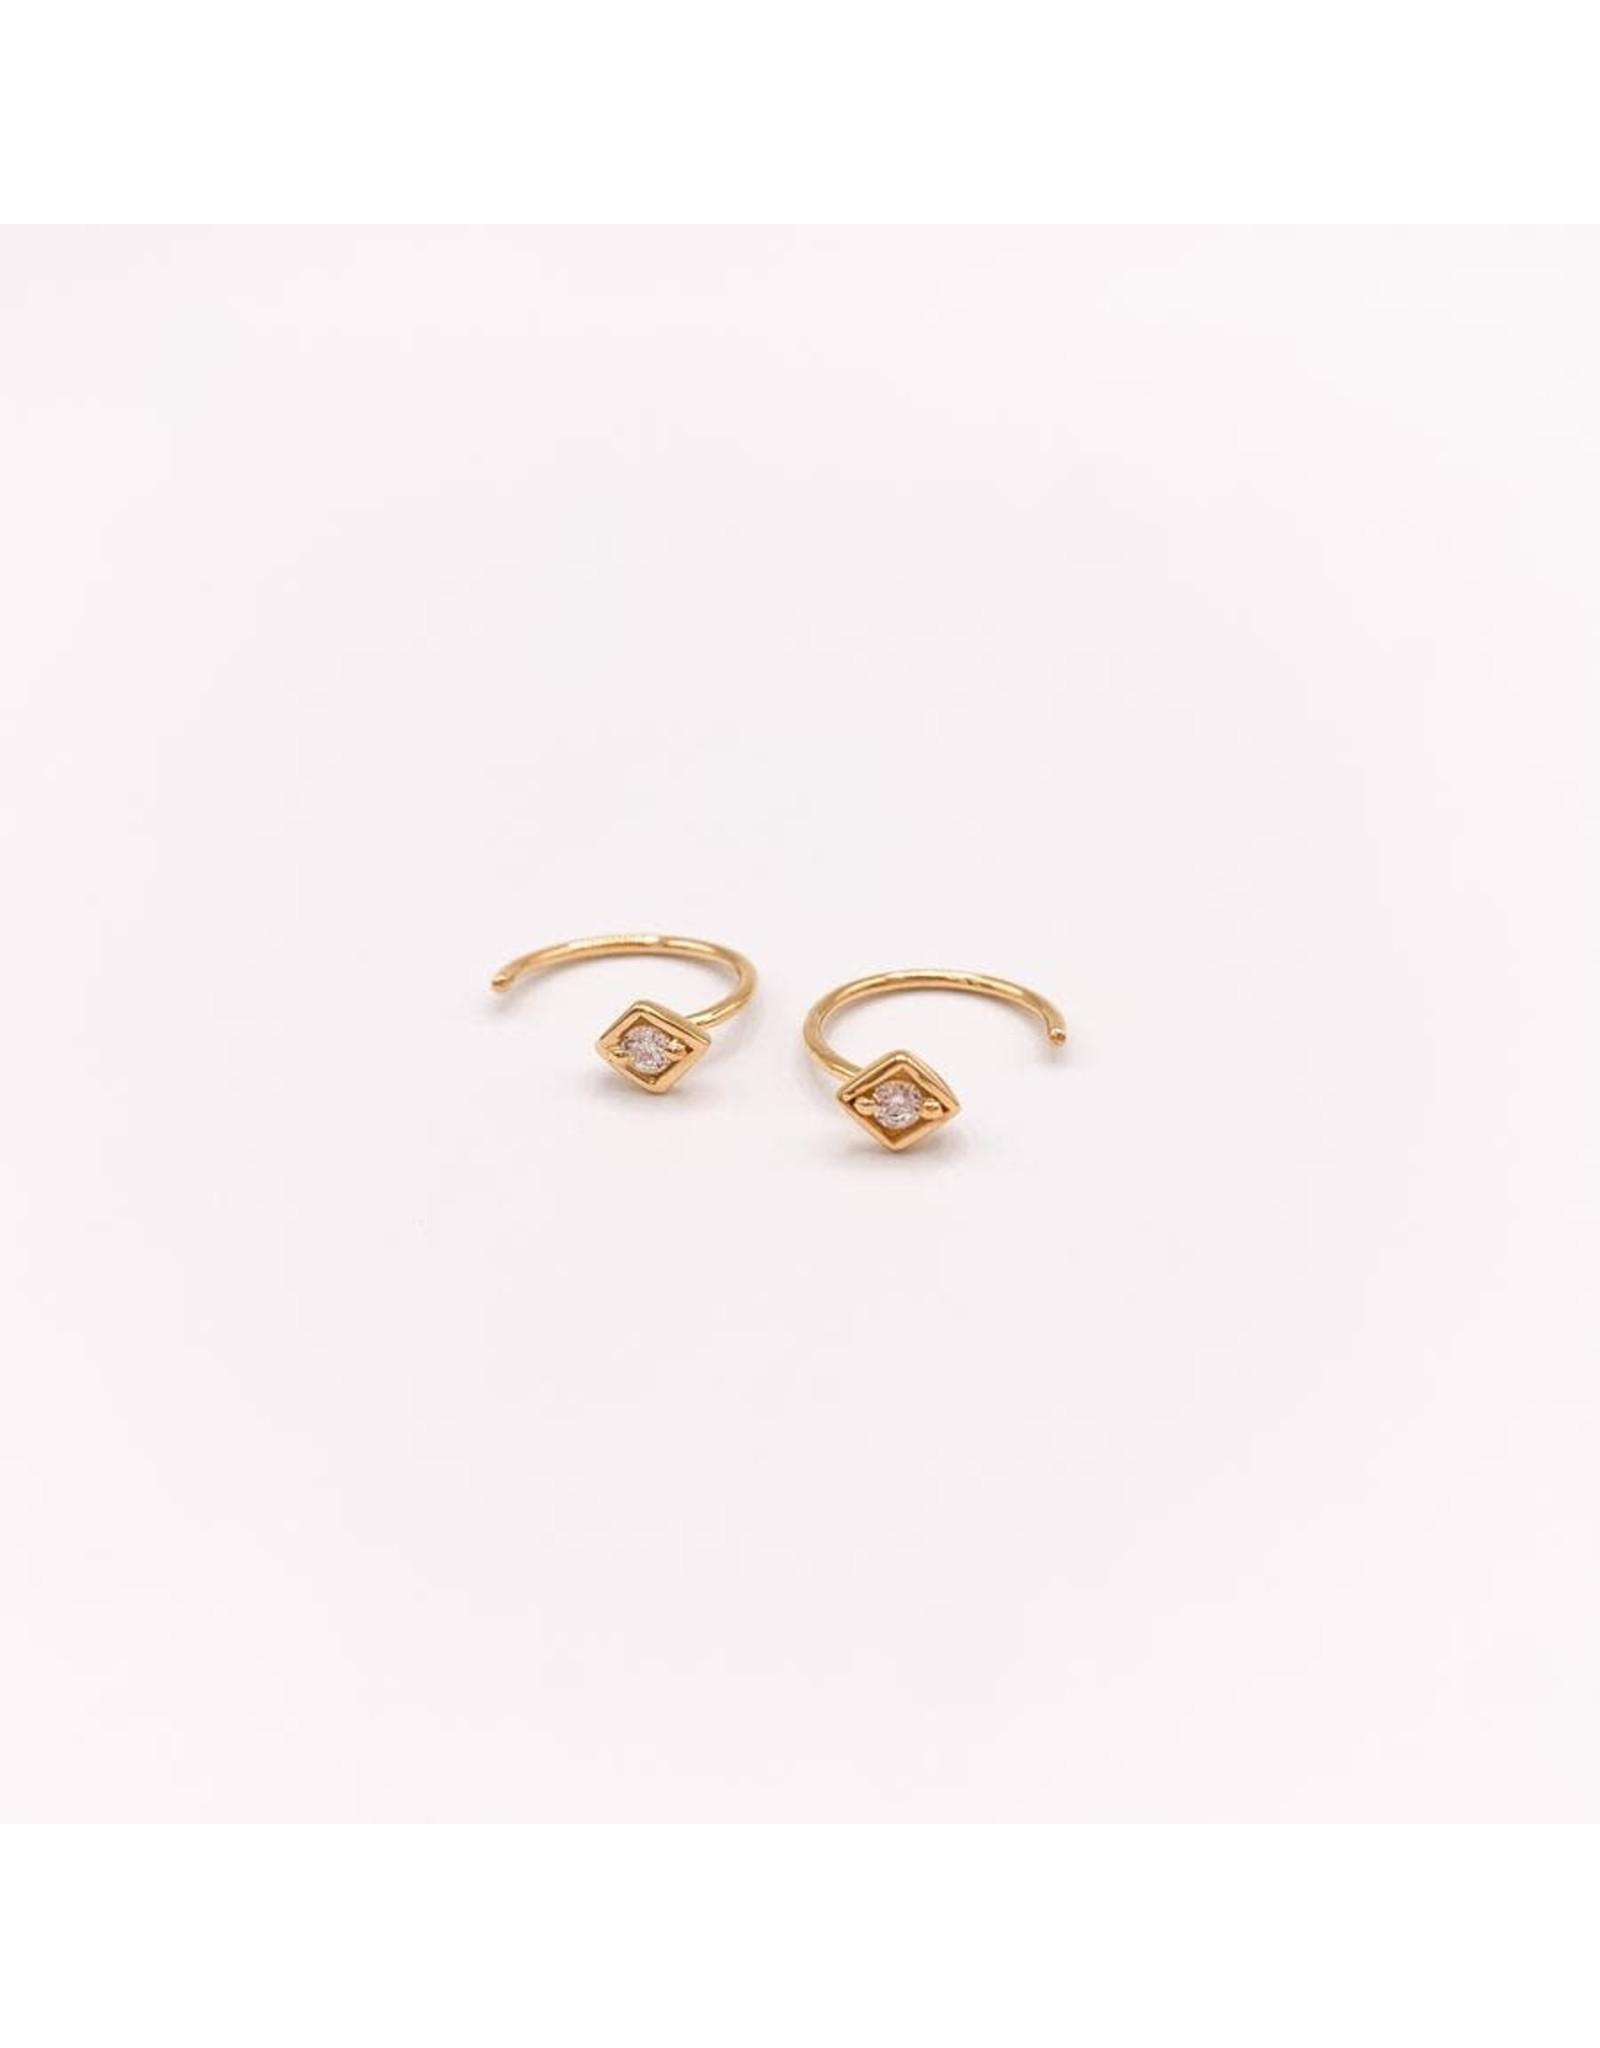 Jewelry By Amanda Gold Leo Cuffs - Earrings